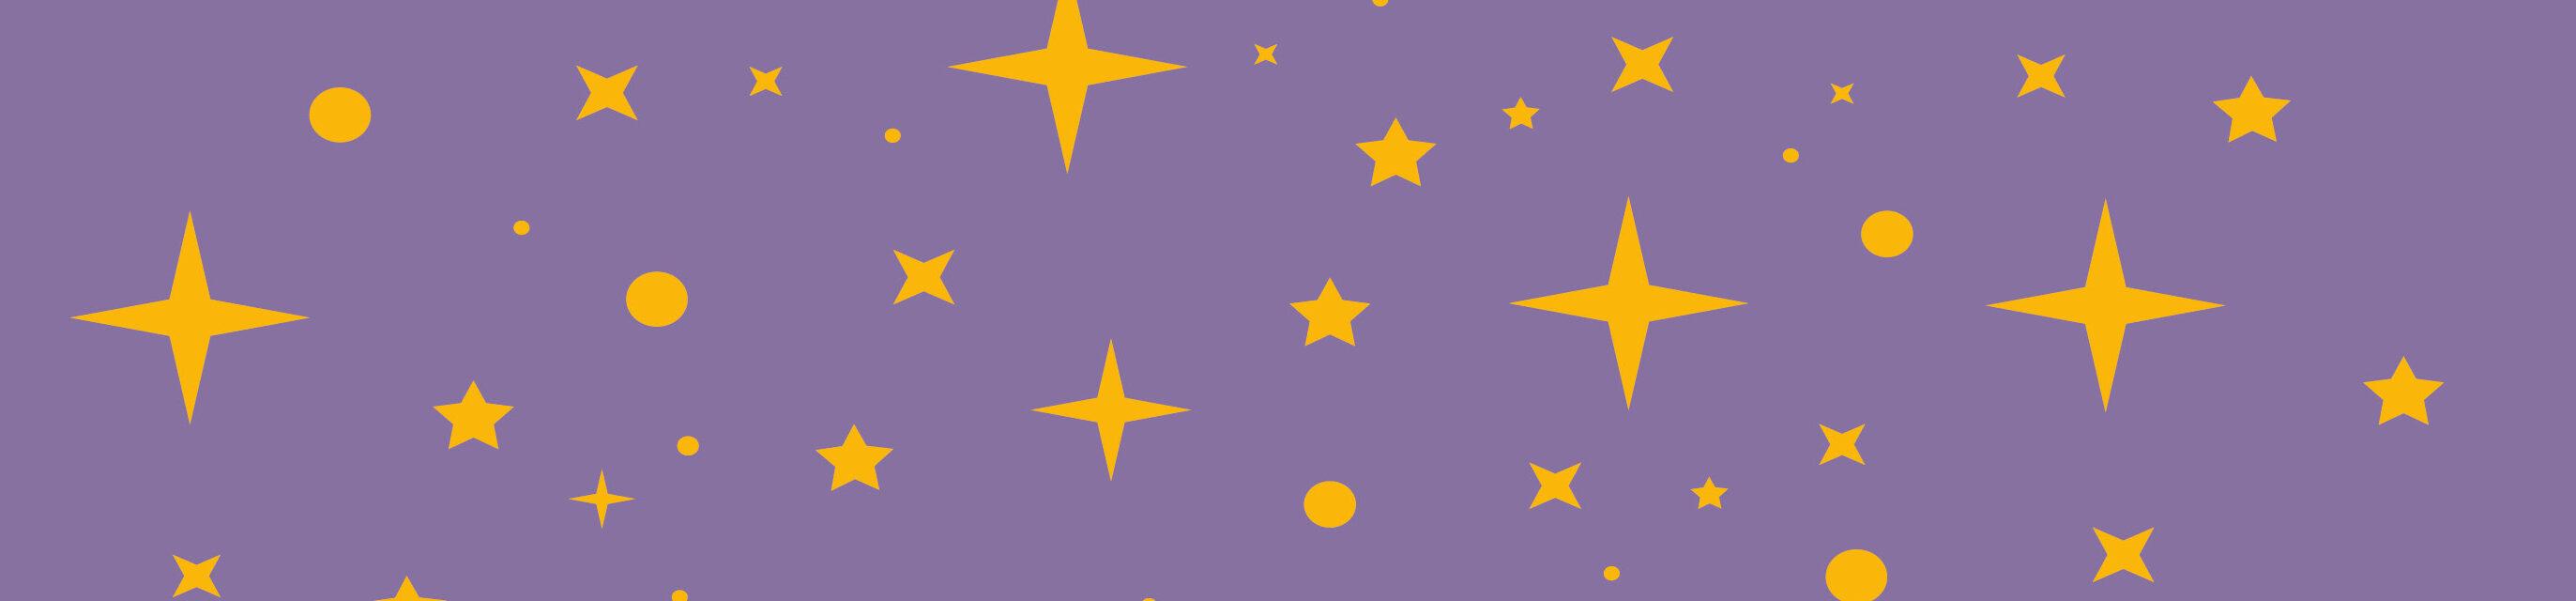 Design a Lantern Banner - Just Stars